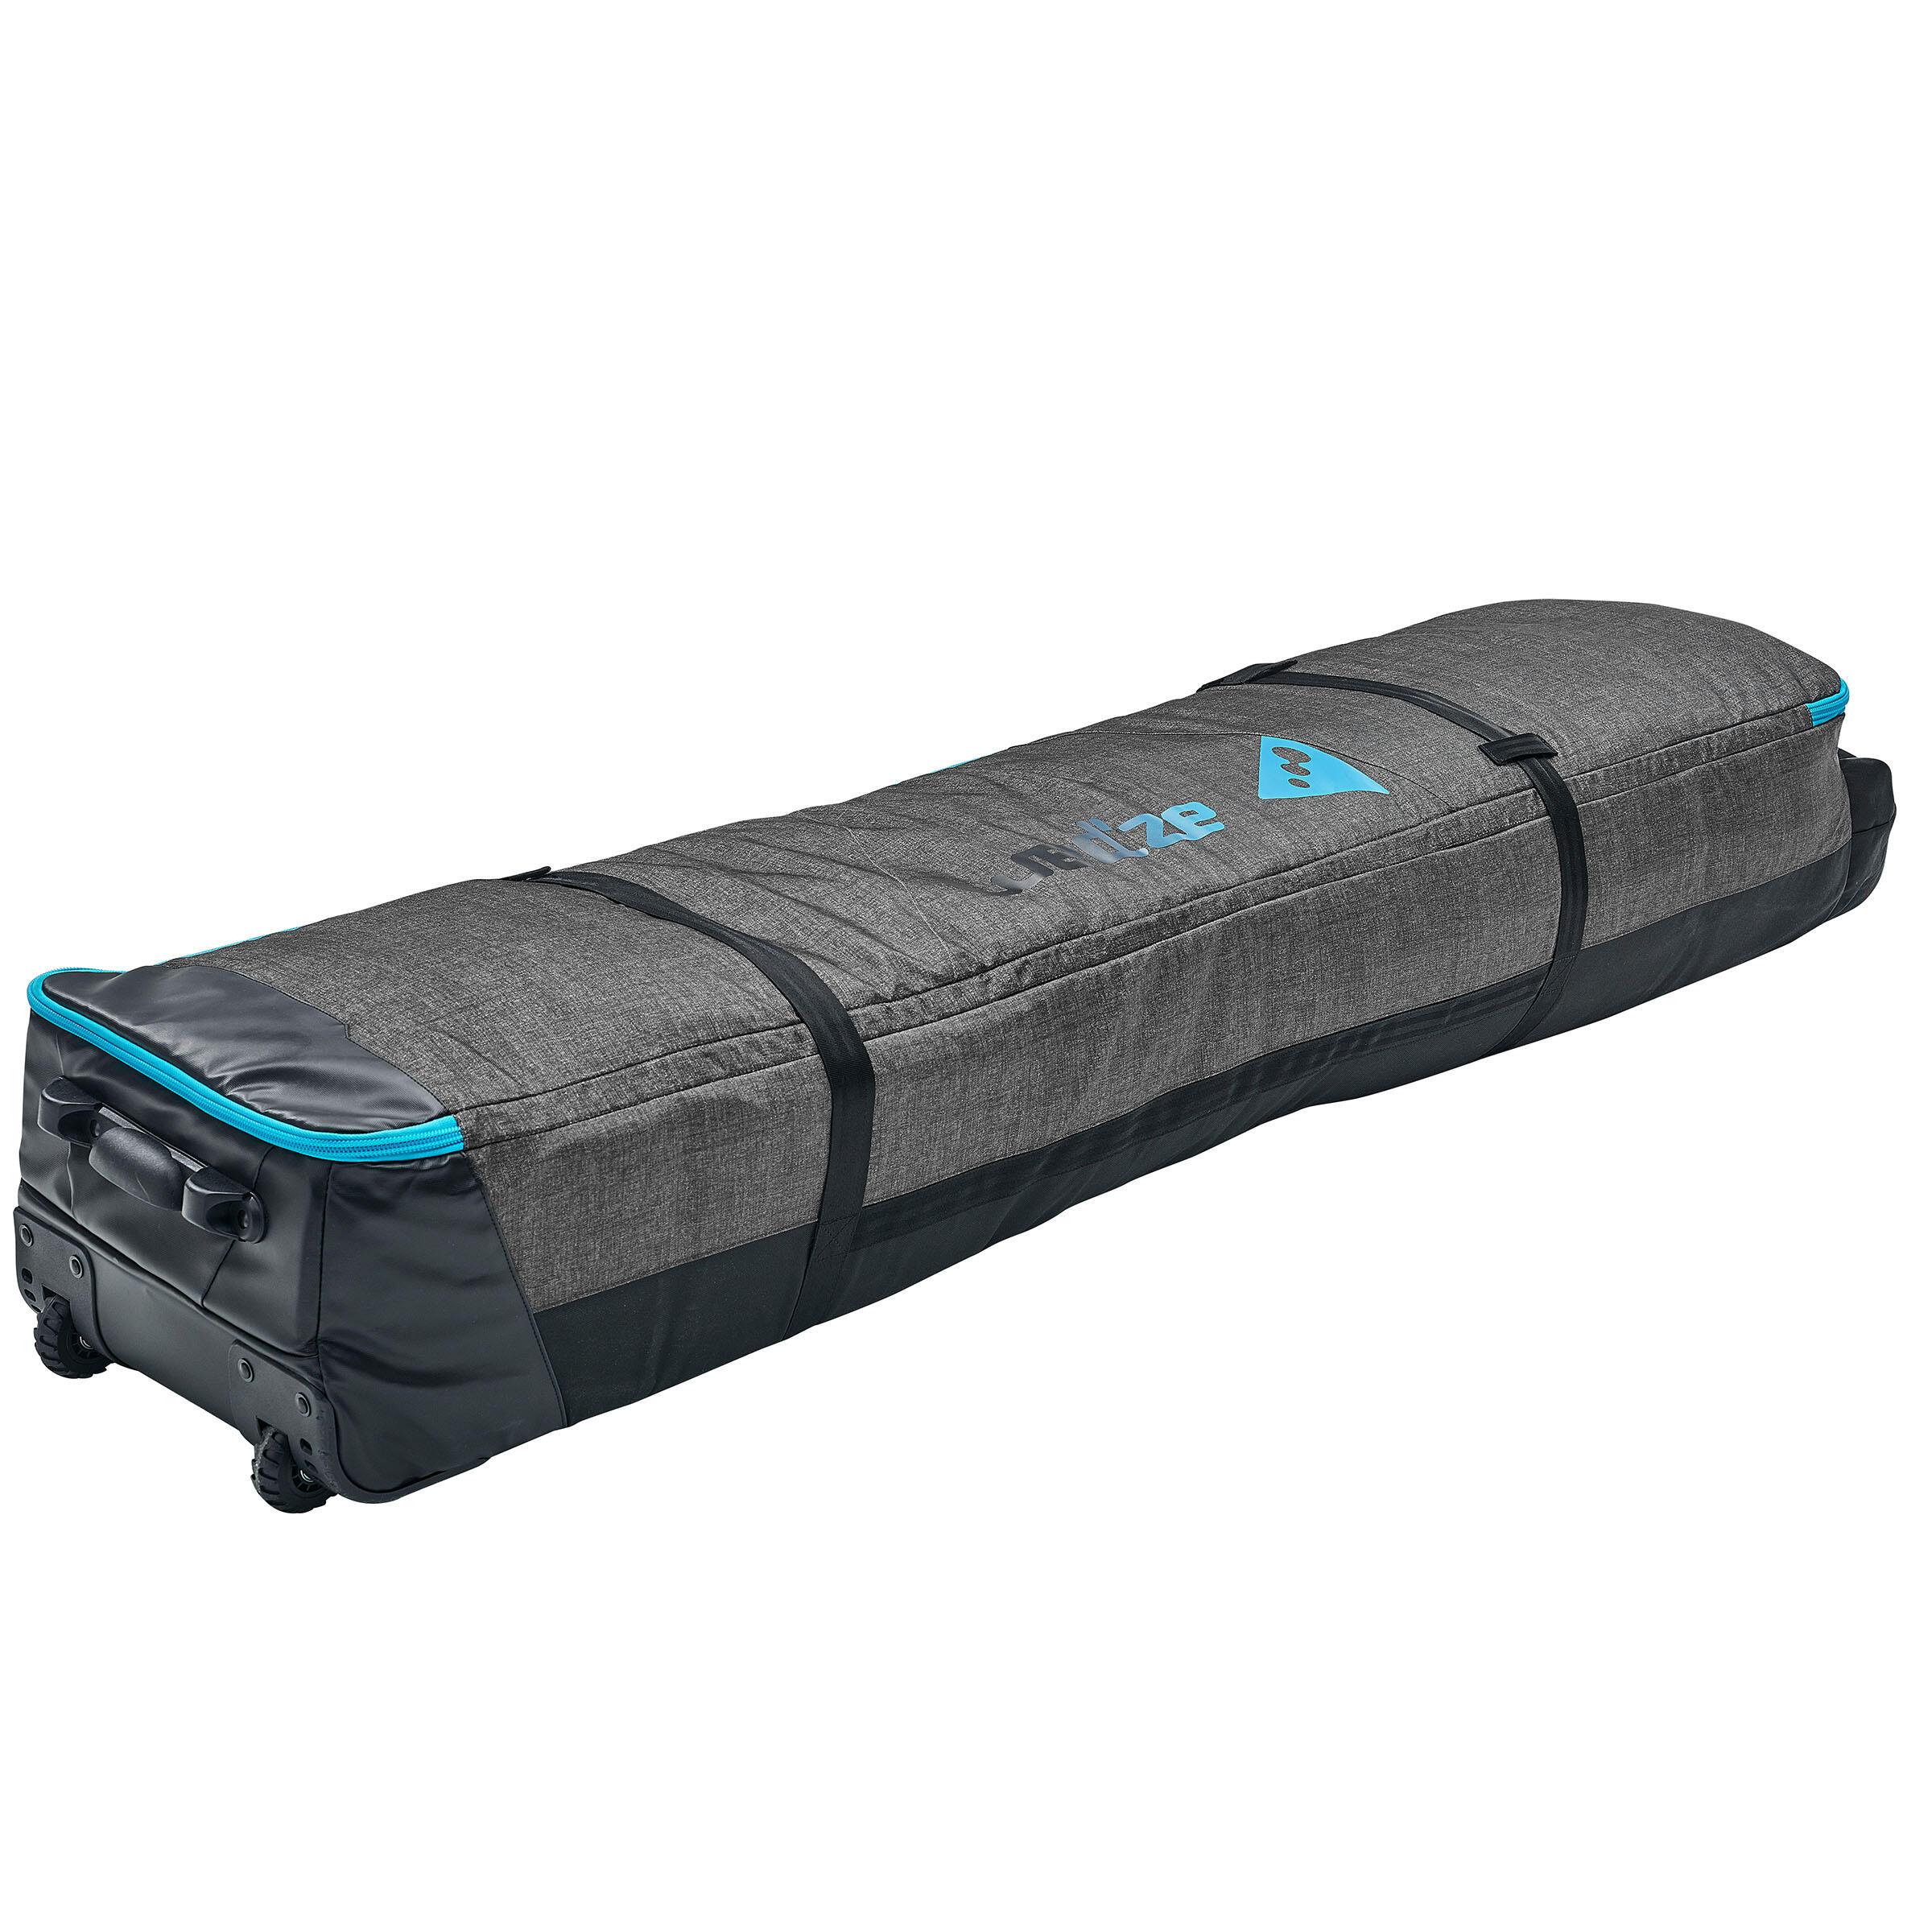 Husă schiuri/ snowboard150